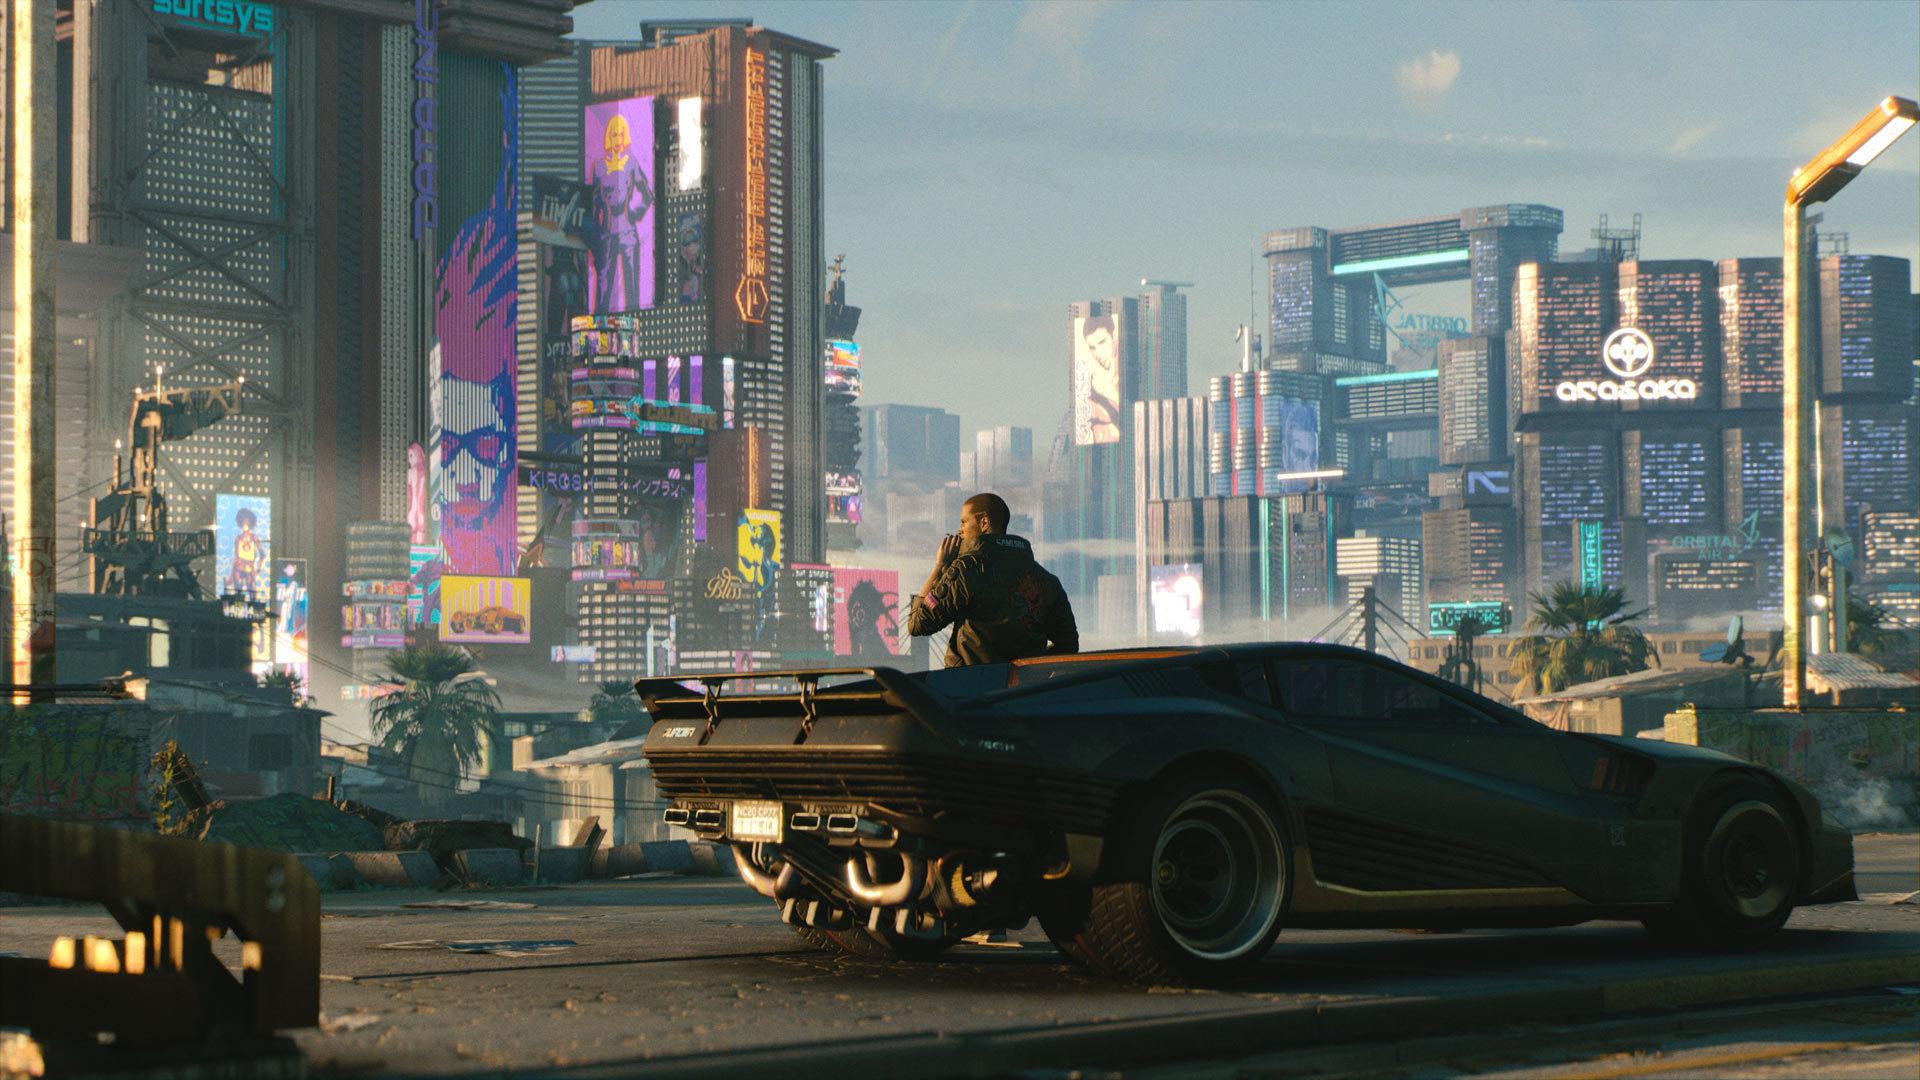 بازیبازان Cyberpunk 2077 قادر به ذخیره اتومبیلها در یک گاراژ ویژه خواهند بود